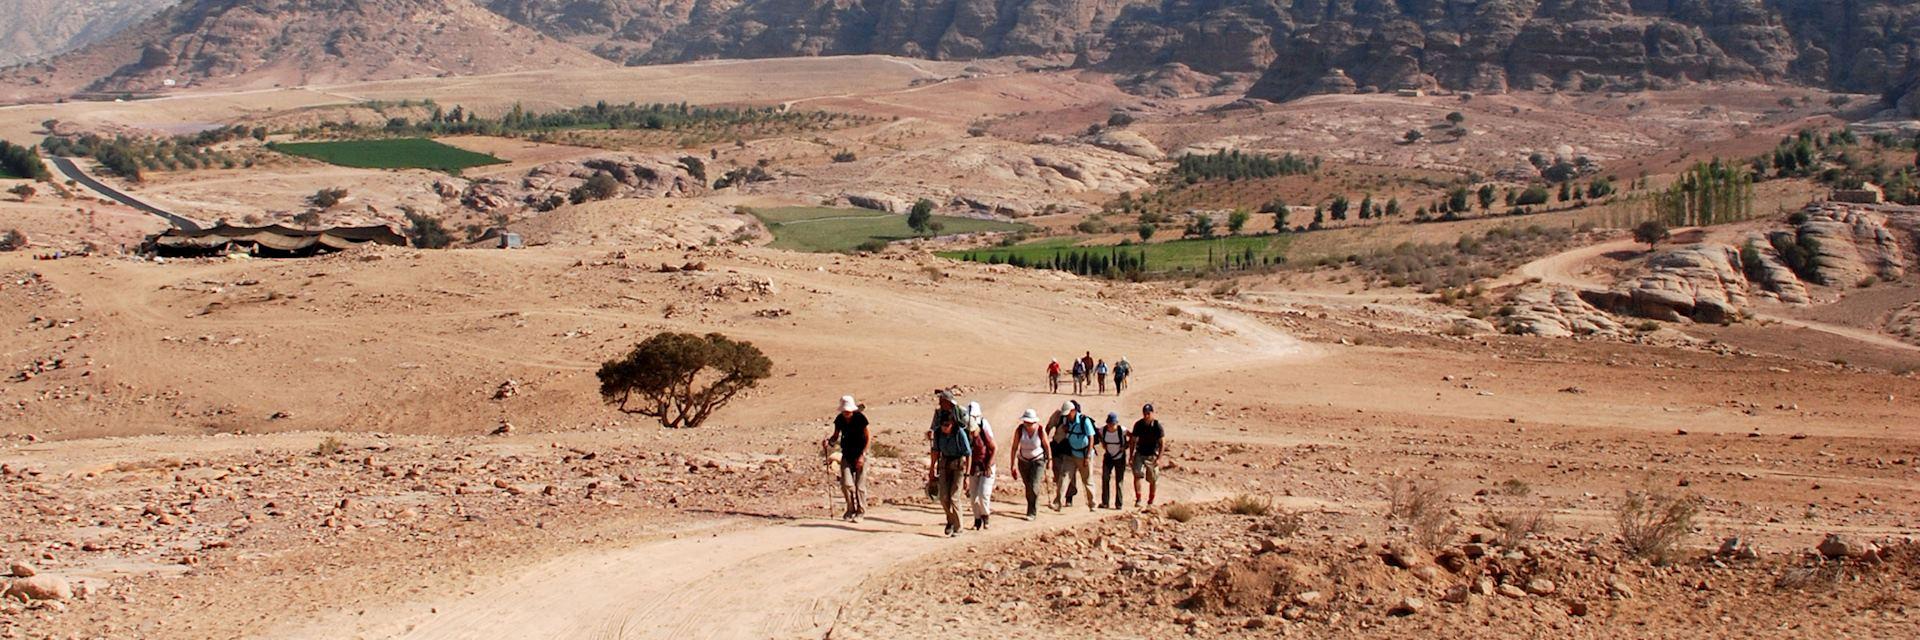 Walking towards Petra, Jordan